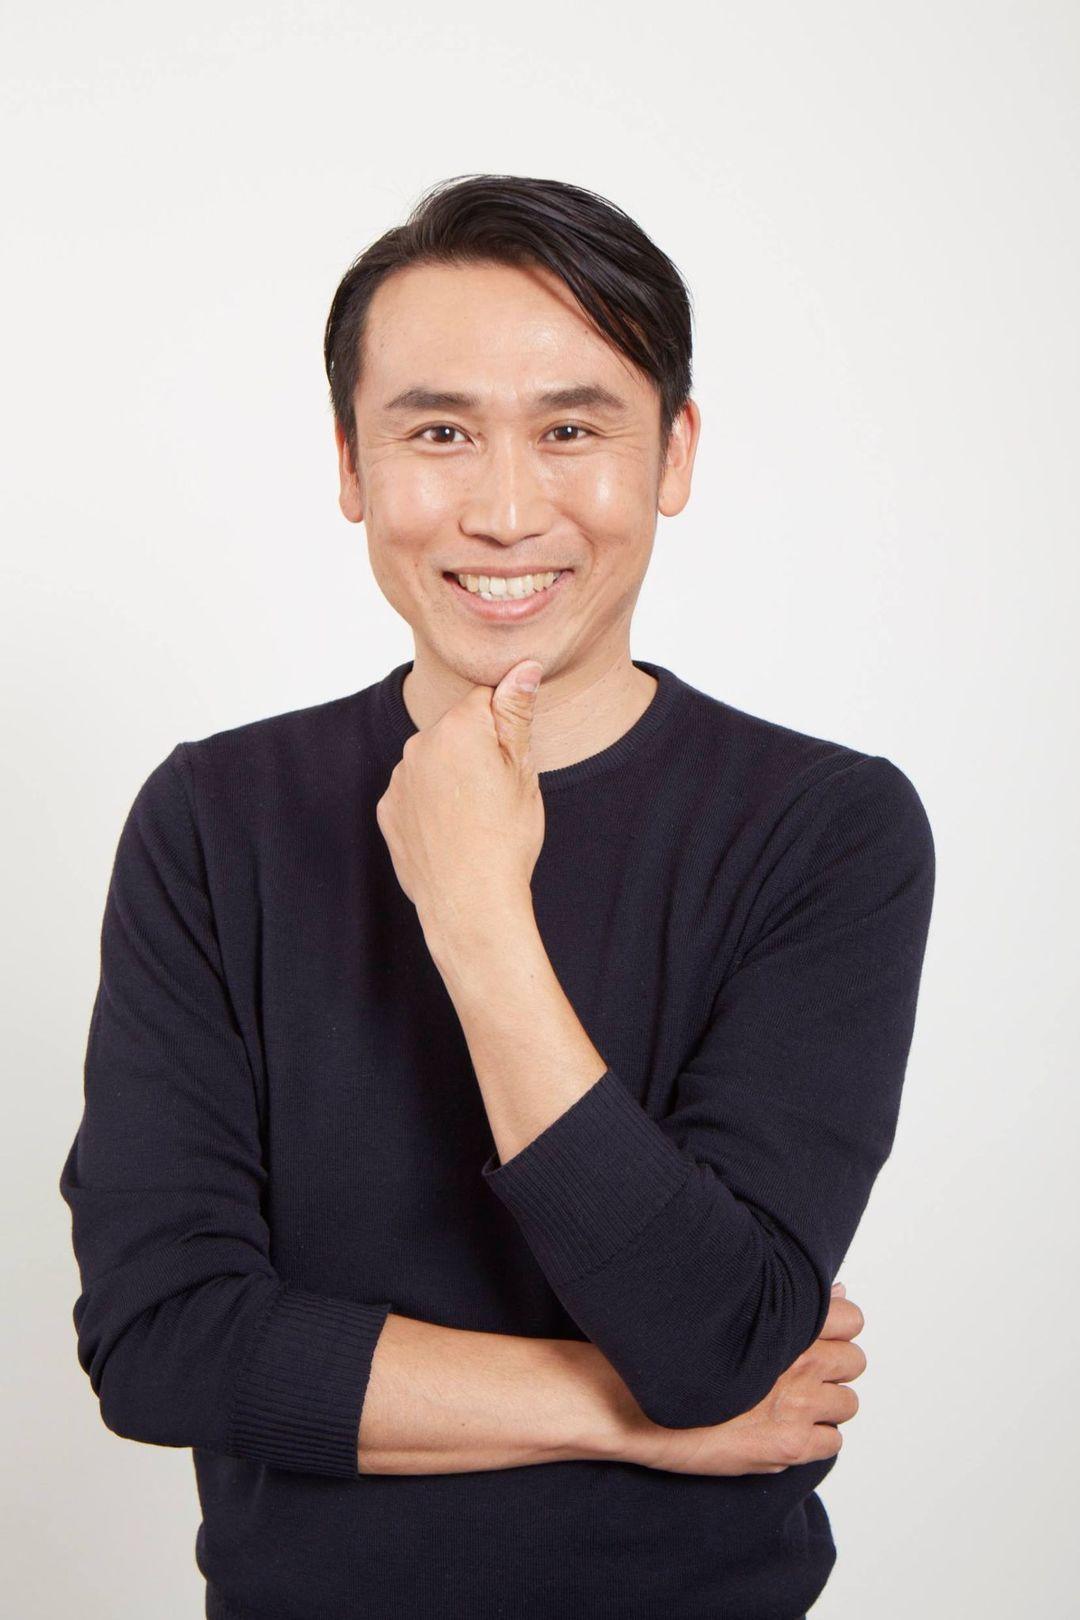 ヤフーCOO小澤隆生氏「成功事例を徹底的に調べて勝ちパターンを探れ」